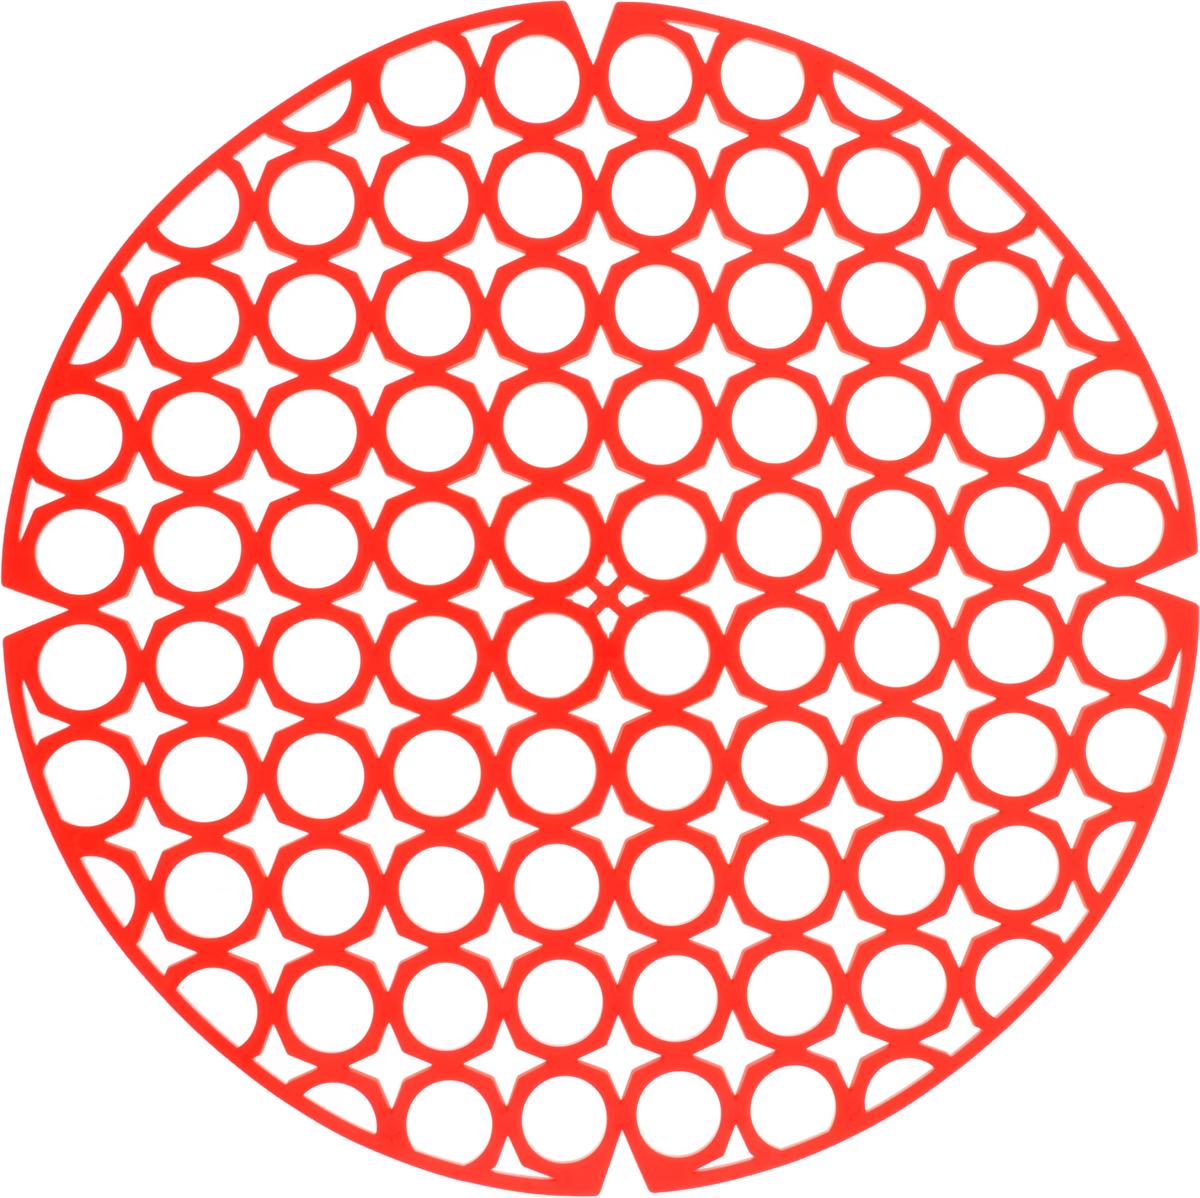 Коврик для раковины York, цвет: красный, диаметр 27,5 см9560/095600_красныйСтильный и удобный коврик для раковины York изготовлен из сложных полимеров. Он одновременно выполняет несколько функций: украшает, защищает мойку от царапин и сколов, смягчает удары при падении посуды в мойку. Коврик также можно использовать для сушки посуды, фруктов и овощей. Он легко очищается от грязи и жира. Диаметр: 27,5 см.